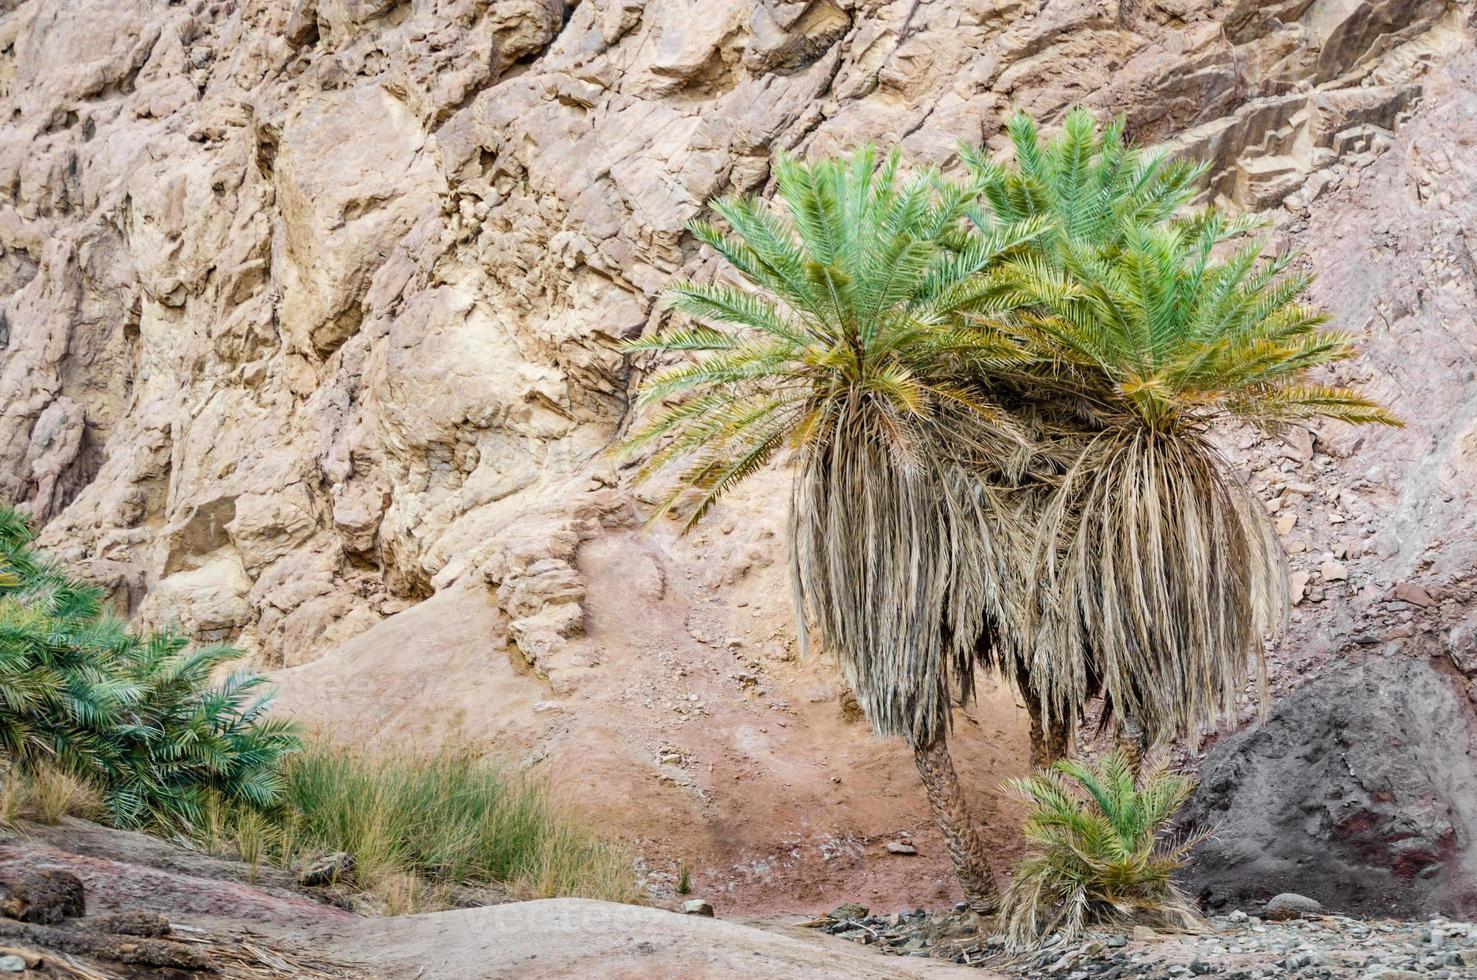 groene palmboom in de bergen foto